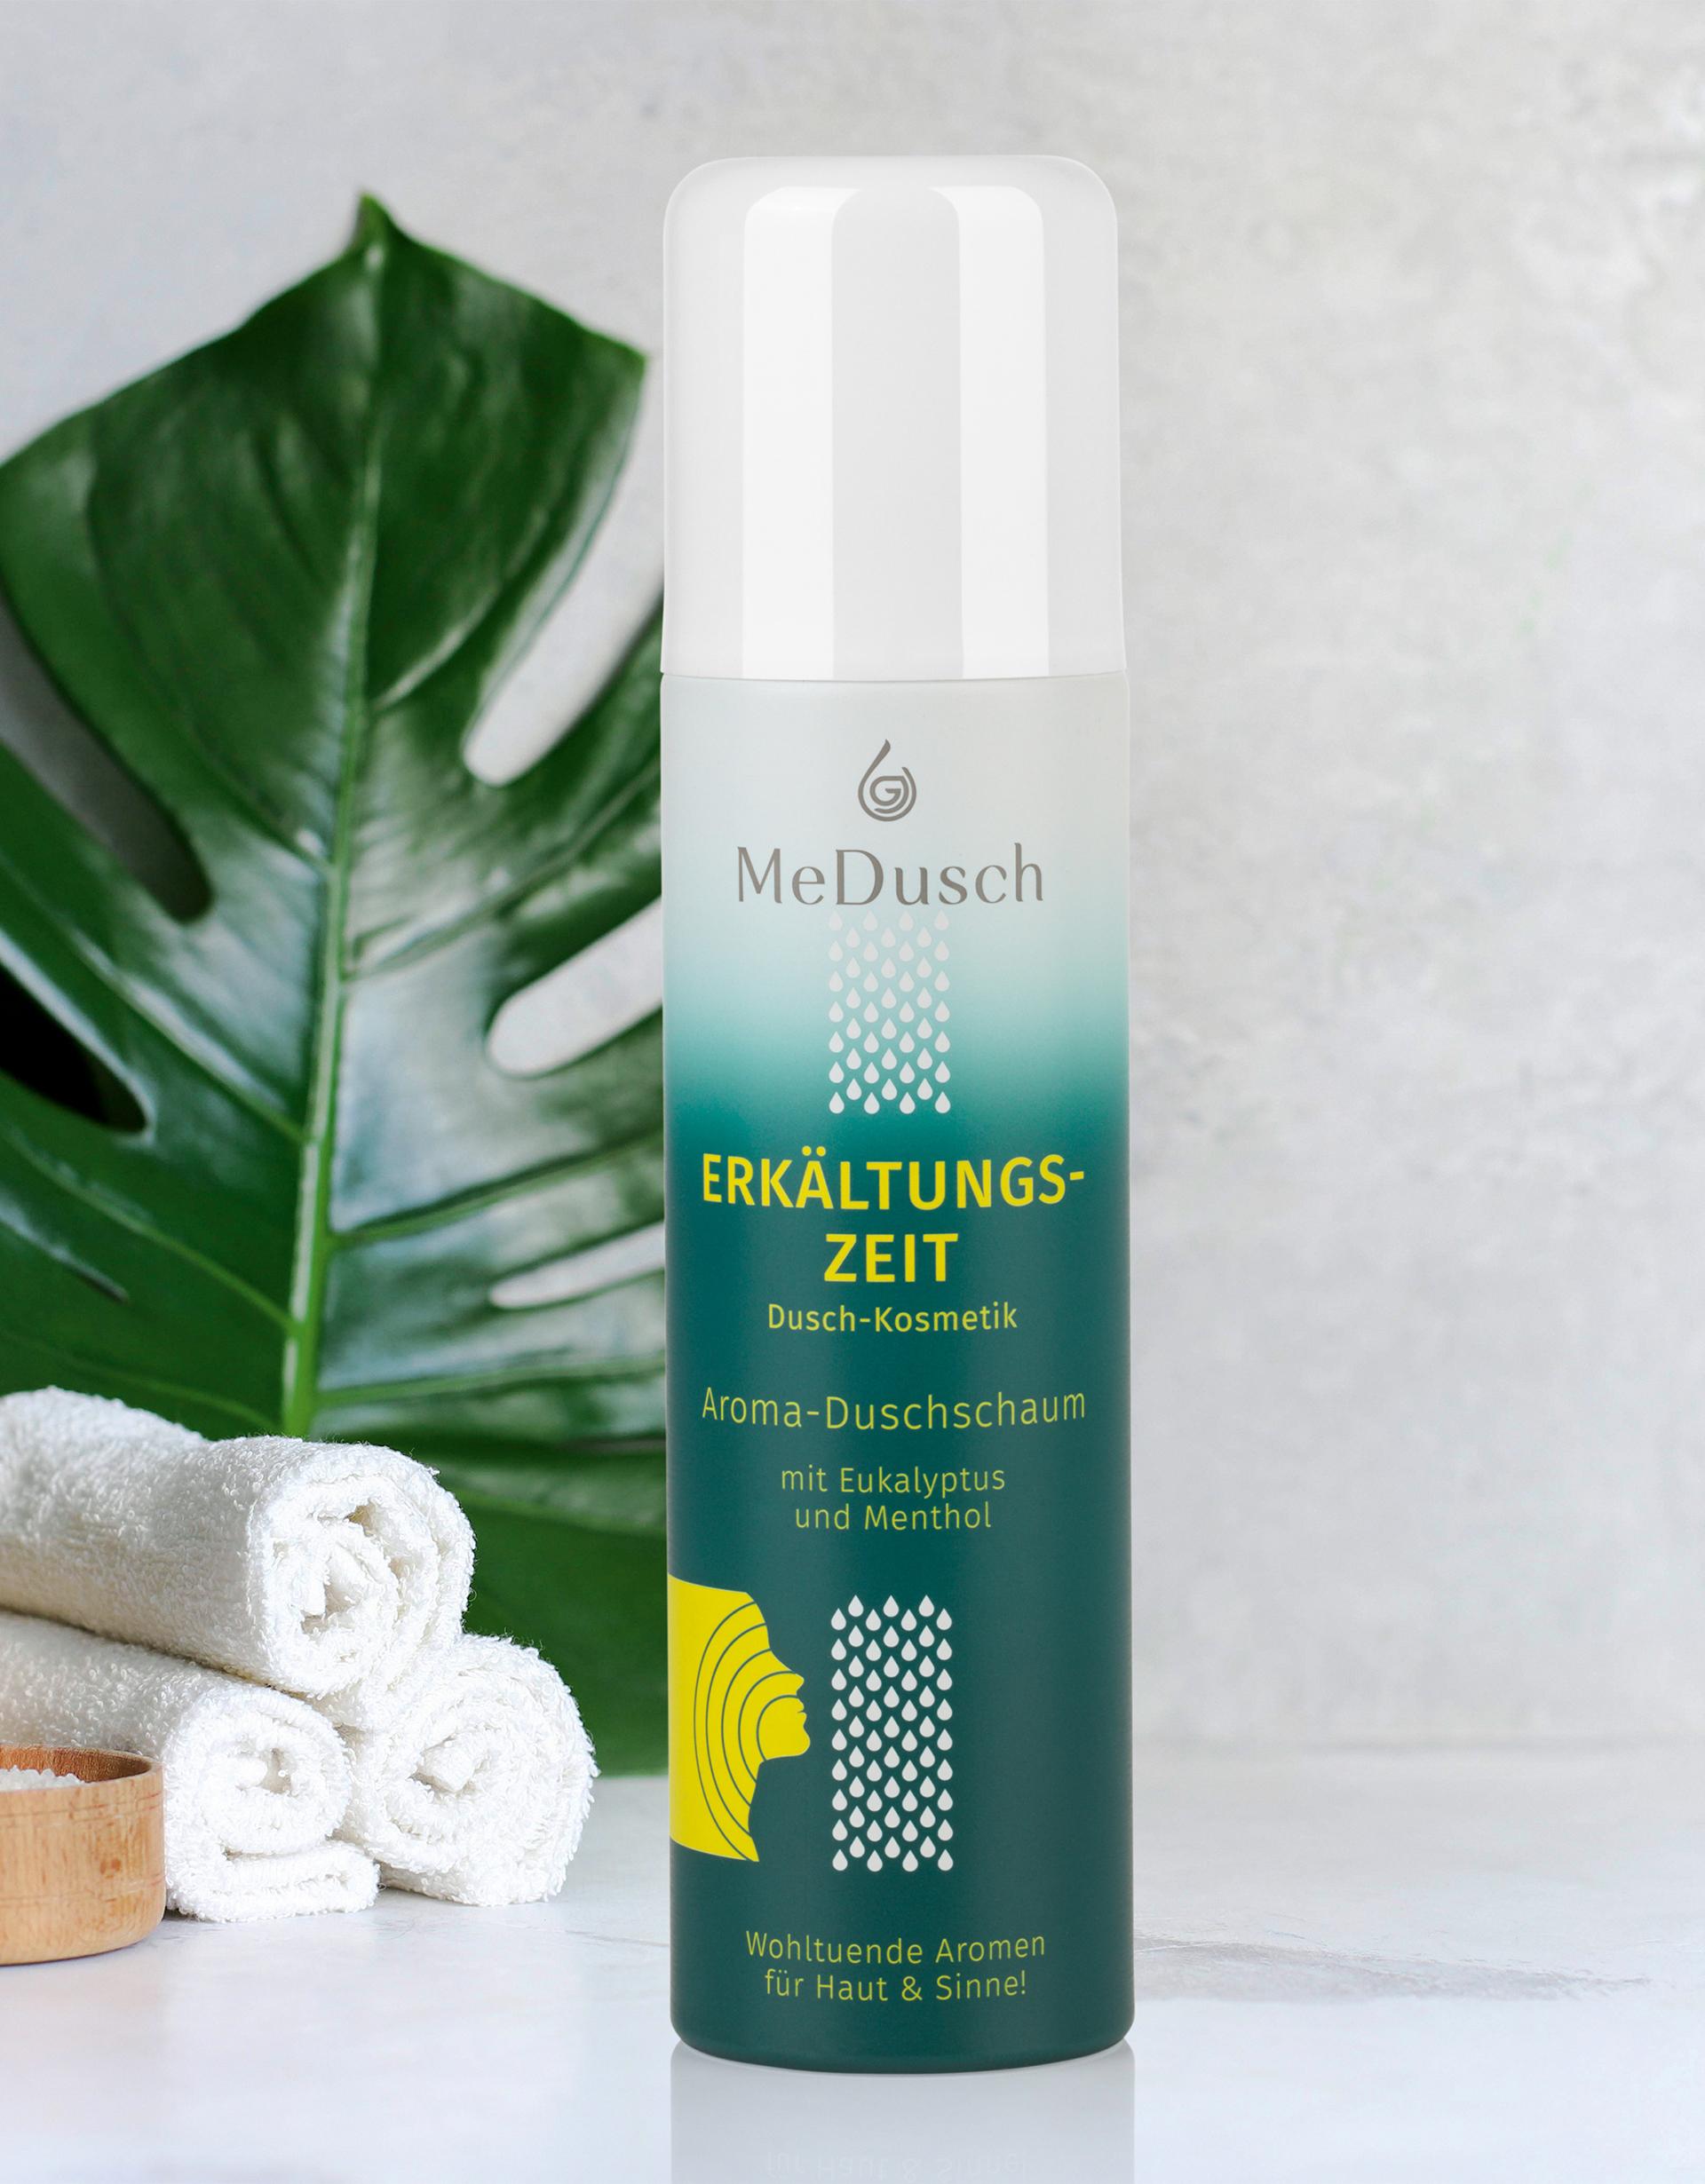 Wohltuende Aromen für Haut und Sinne: MeDusch Aroma-Duschschaum Erkältungszeit